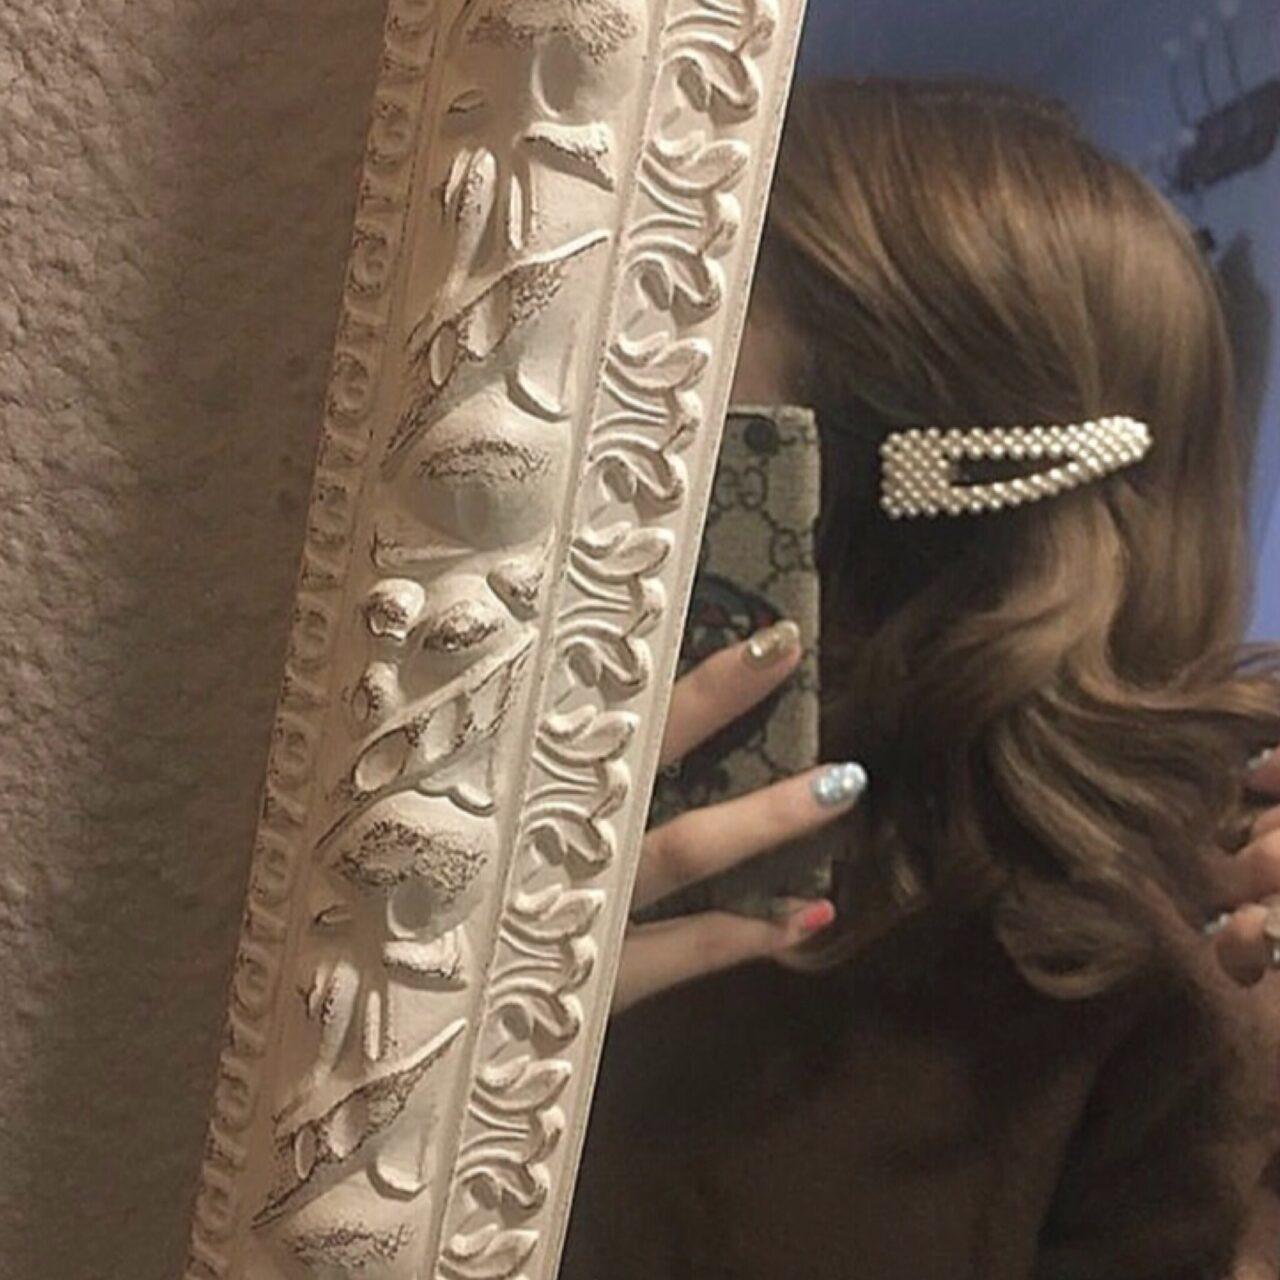 アフターファイブも可愛くいたいの。前髪が崩れてしまったら試したい3つの対策♡